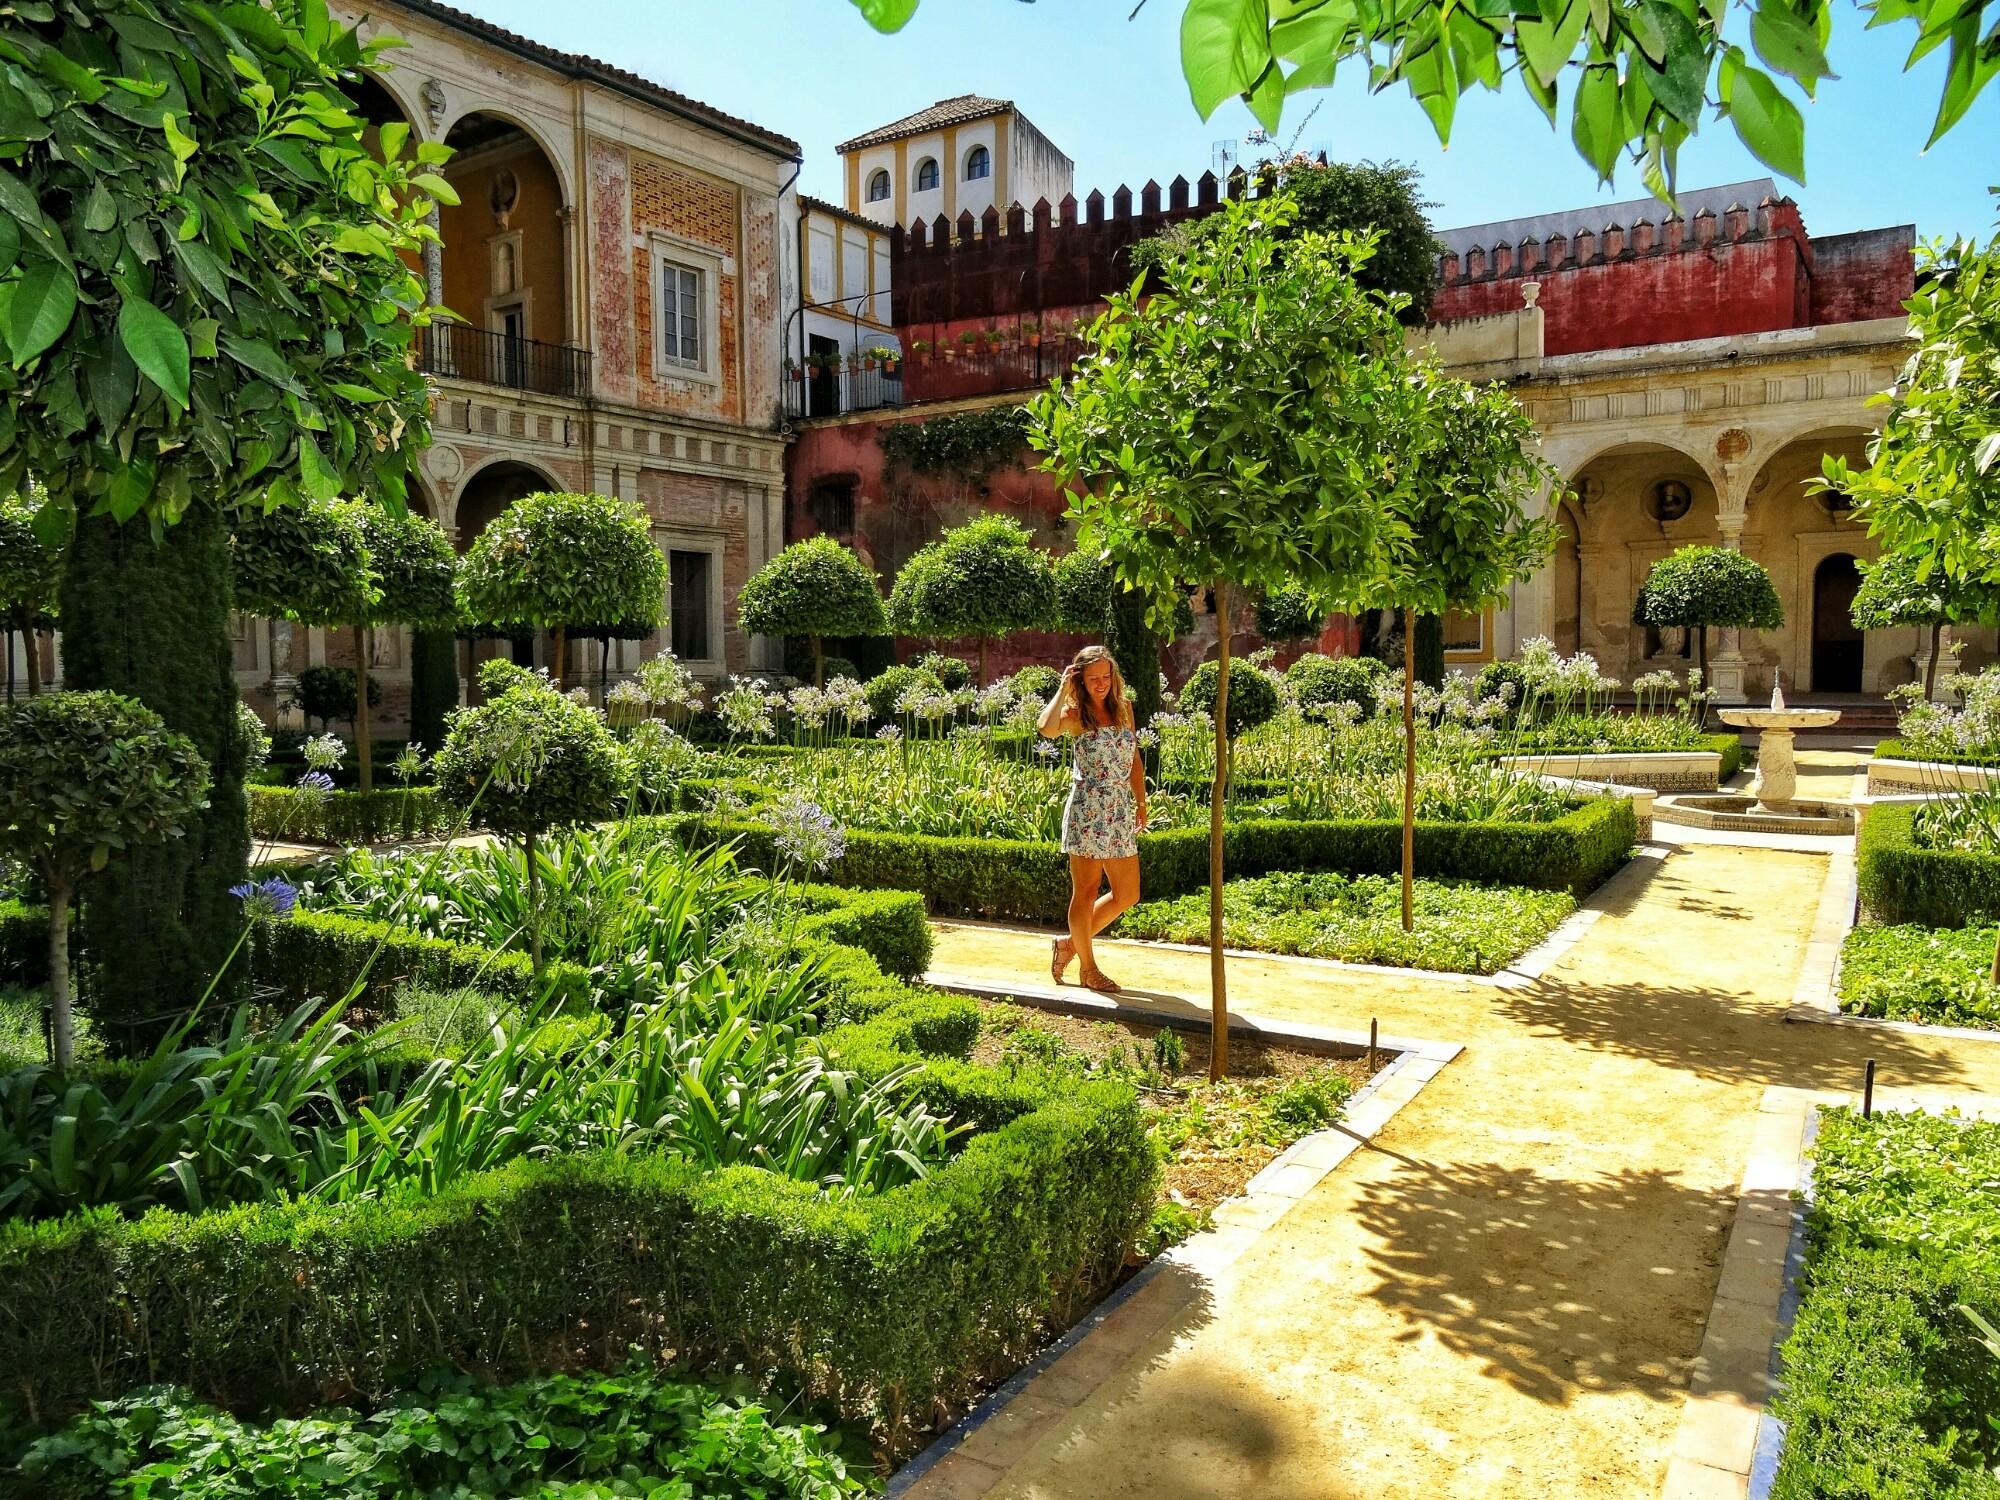 Video sevilla vlog 1 casa de pilatos plaza de espa a world wanderista - Casa home malaga ...